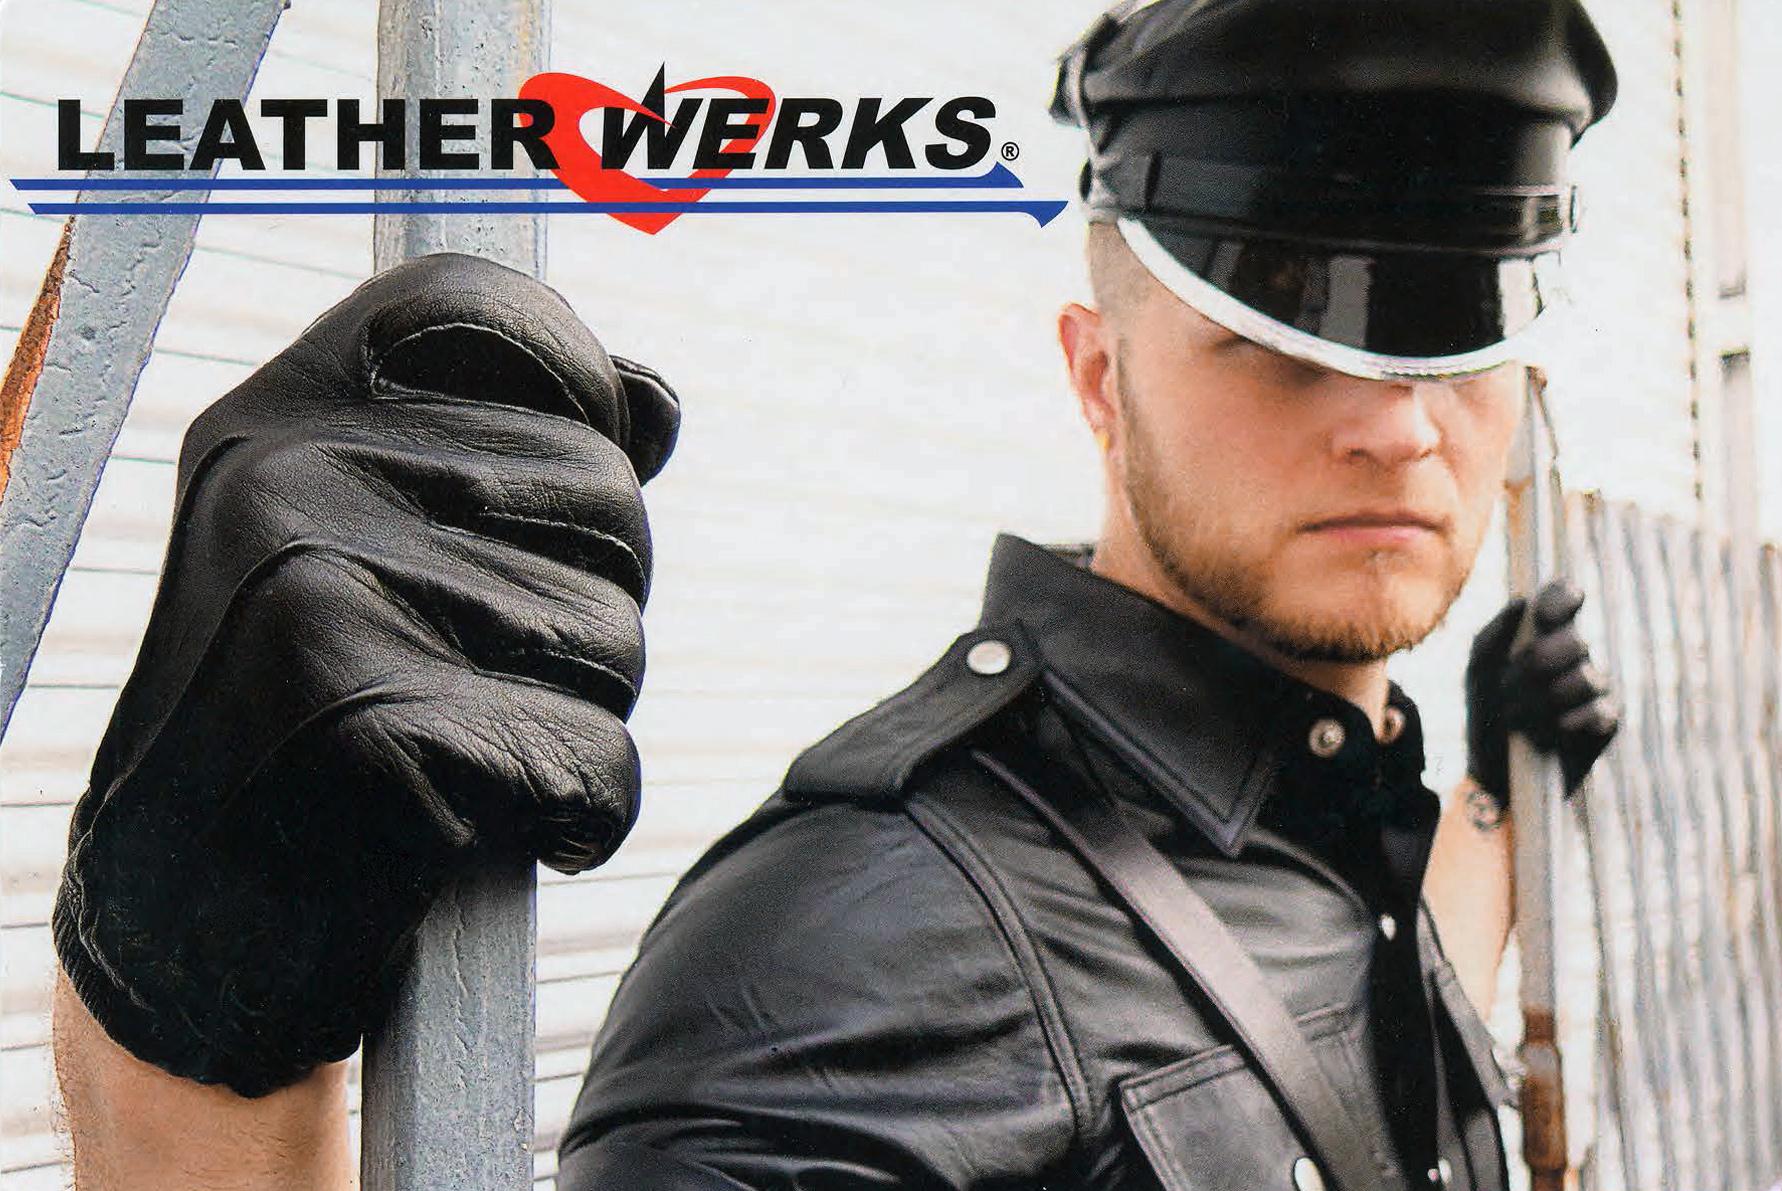 leatherwerks2.jpg